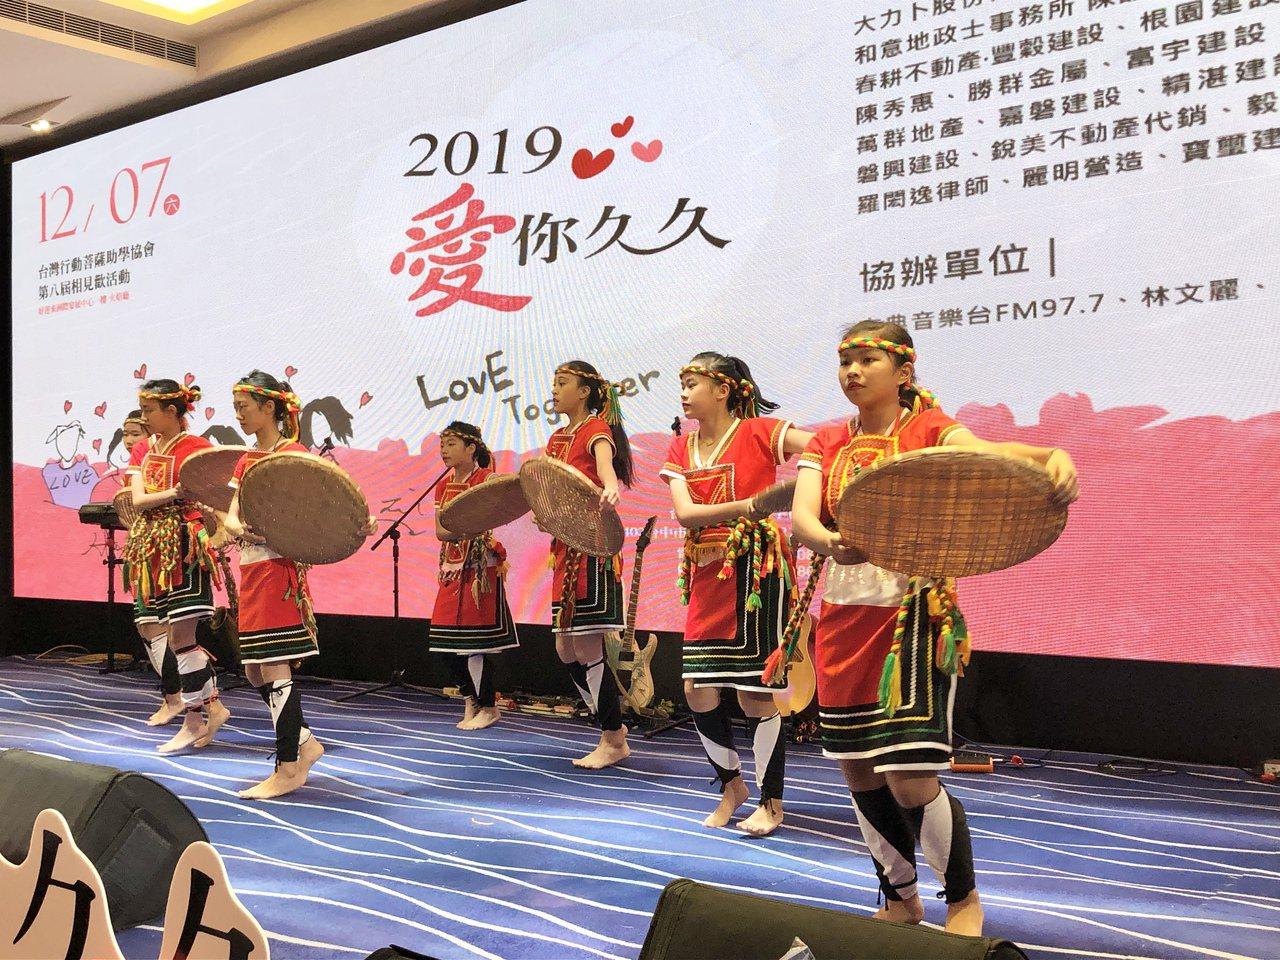 熱力四射的南投大成國中原住民舞蹈。 記者宋健生/攝影